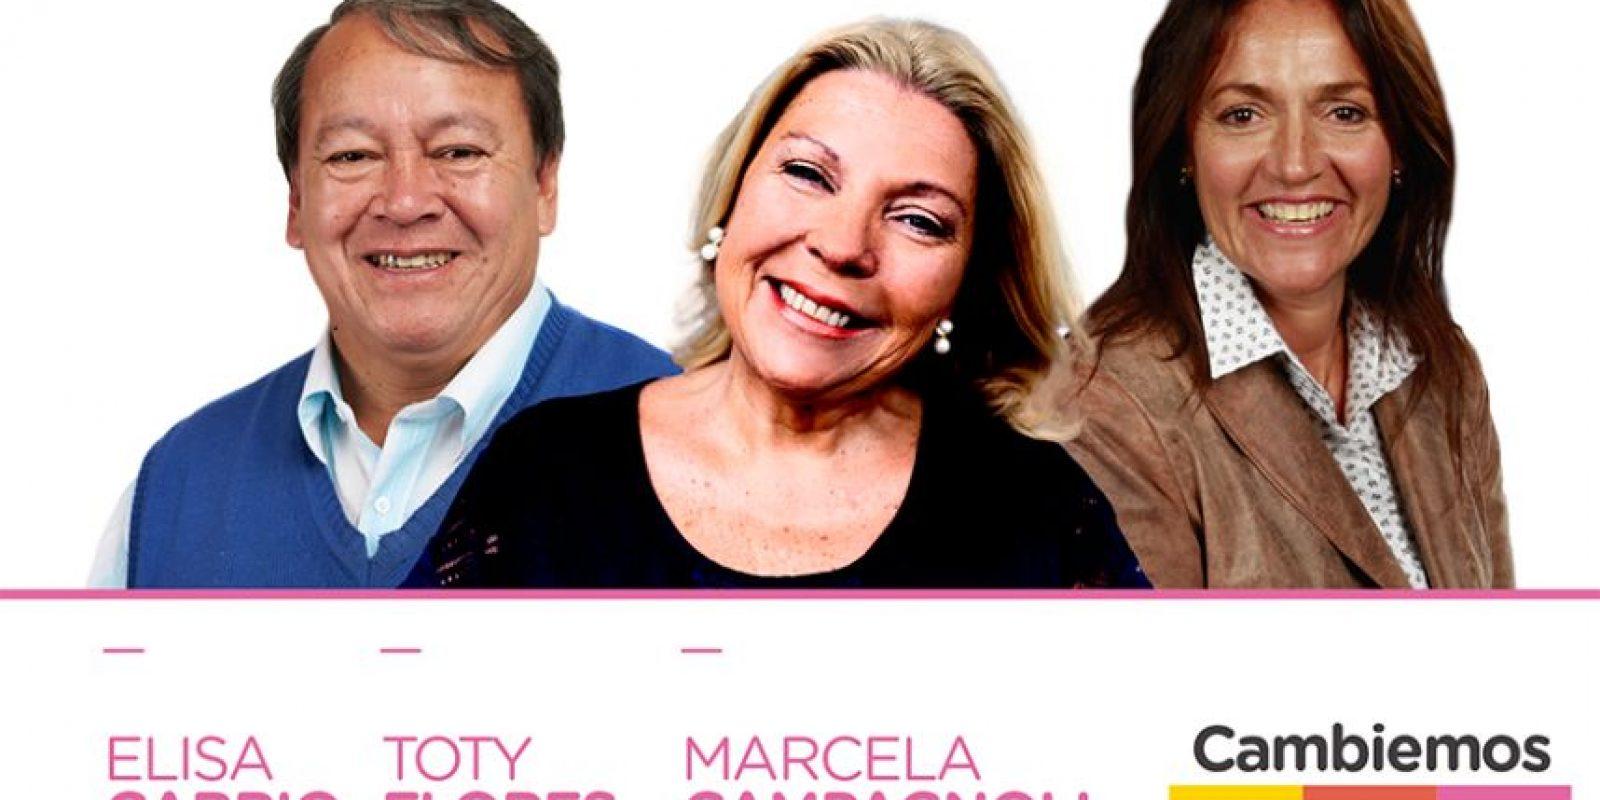 Diputada de la Coalición Cívica Foto:facebook.com/Elisa.Lilita.Carrio